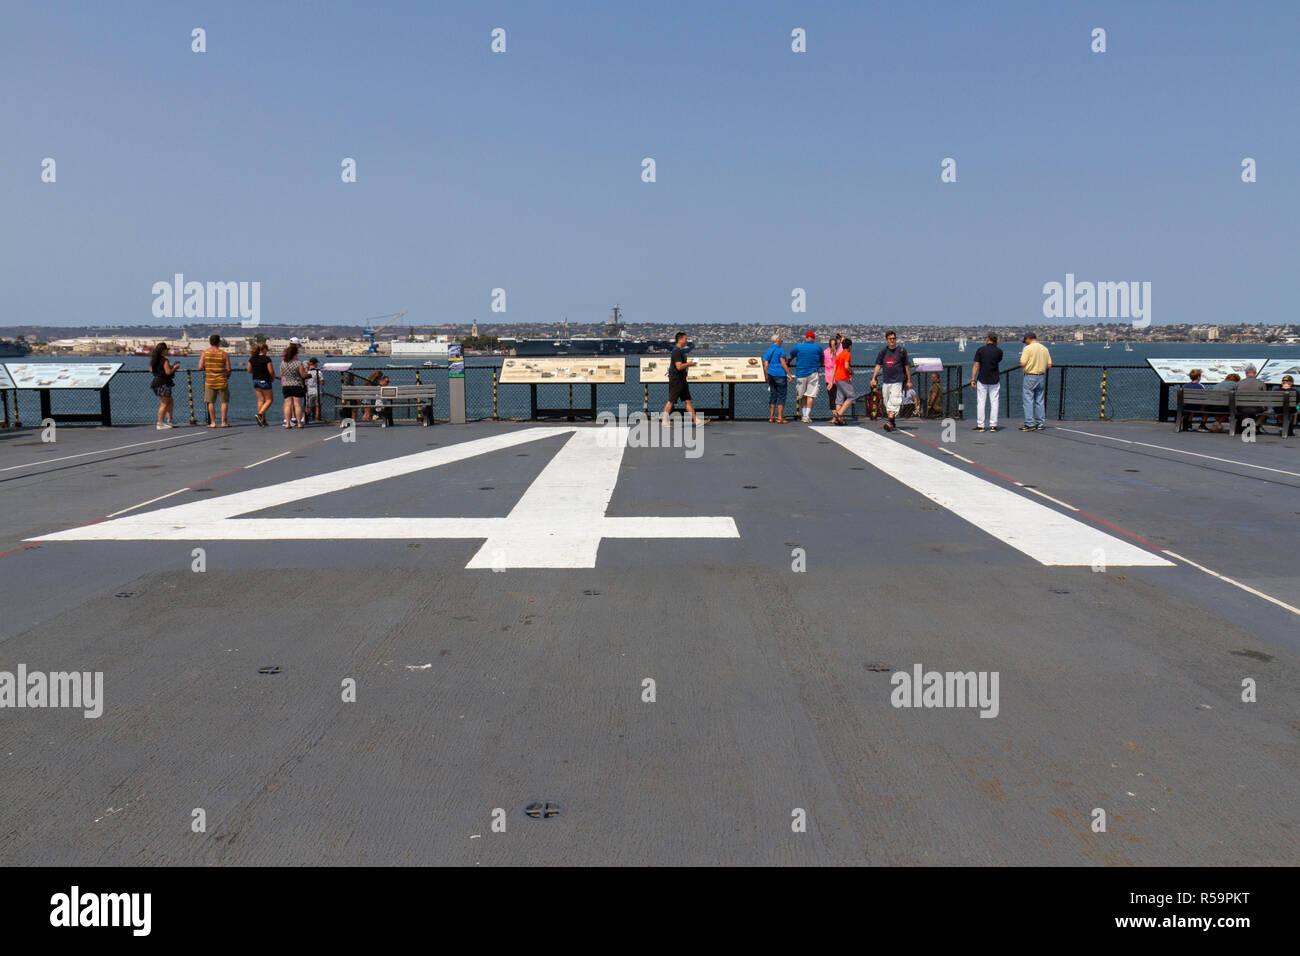 Classification de la coque de l'USS Midway (CV-41) sur le pont de l'USS Midway Museum, San Diego, California, United States Photo Stock